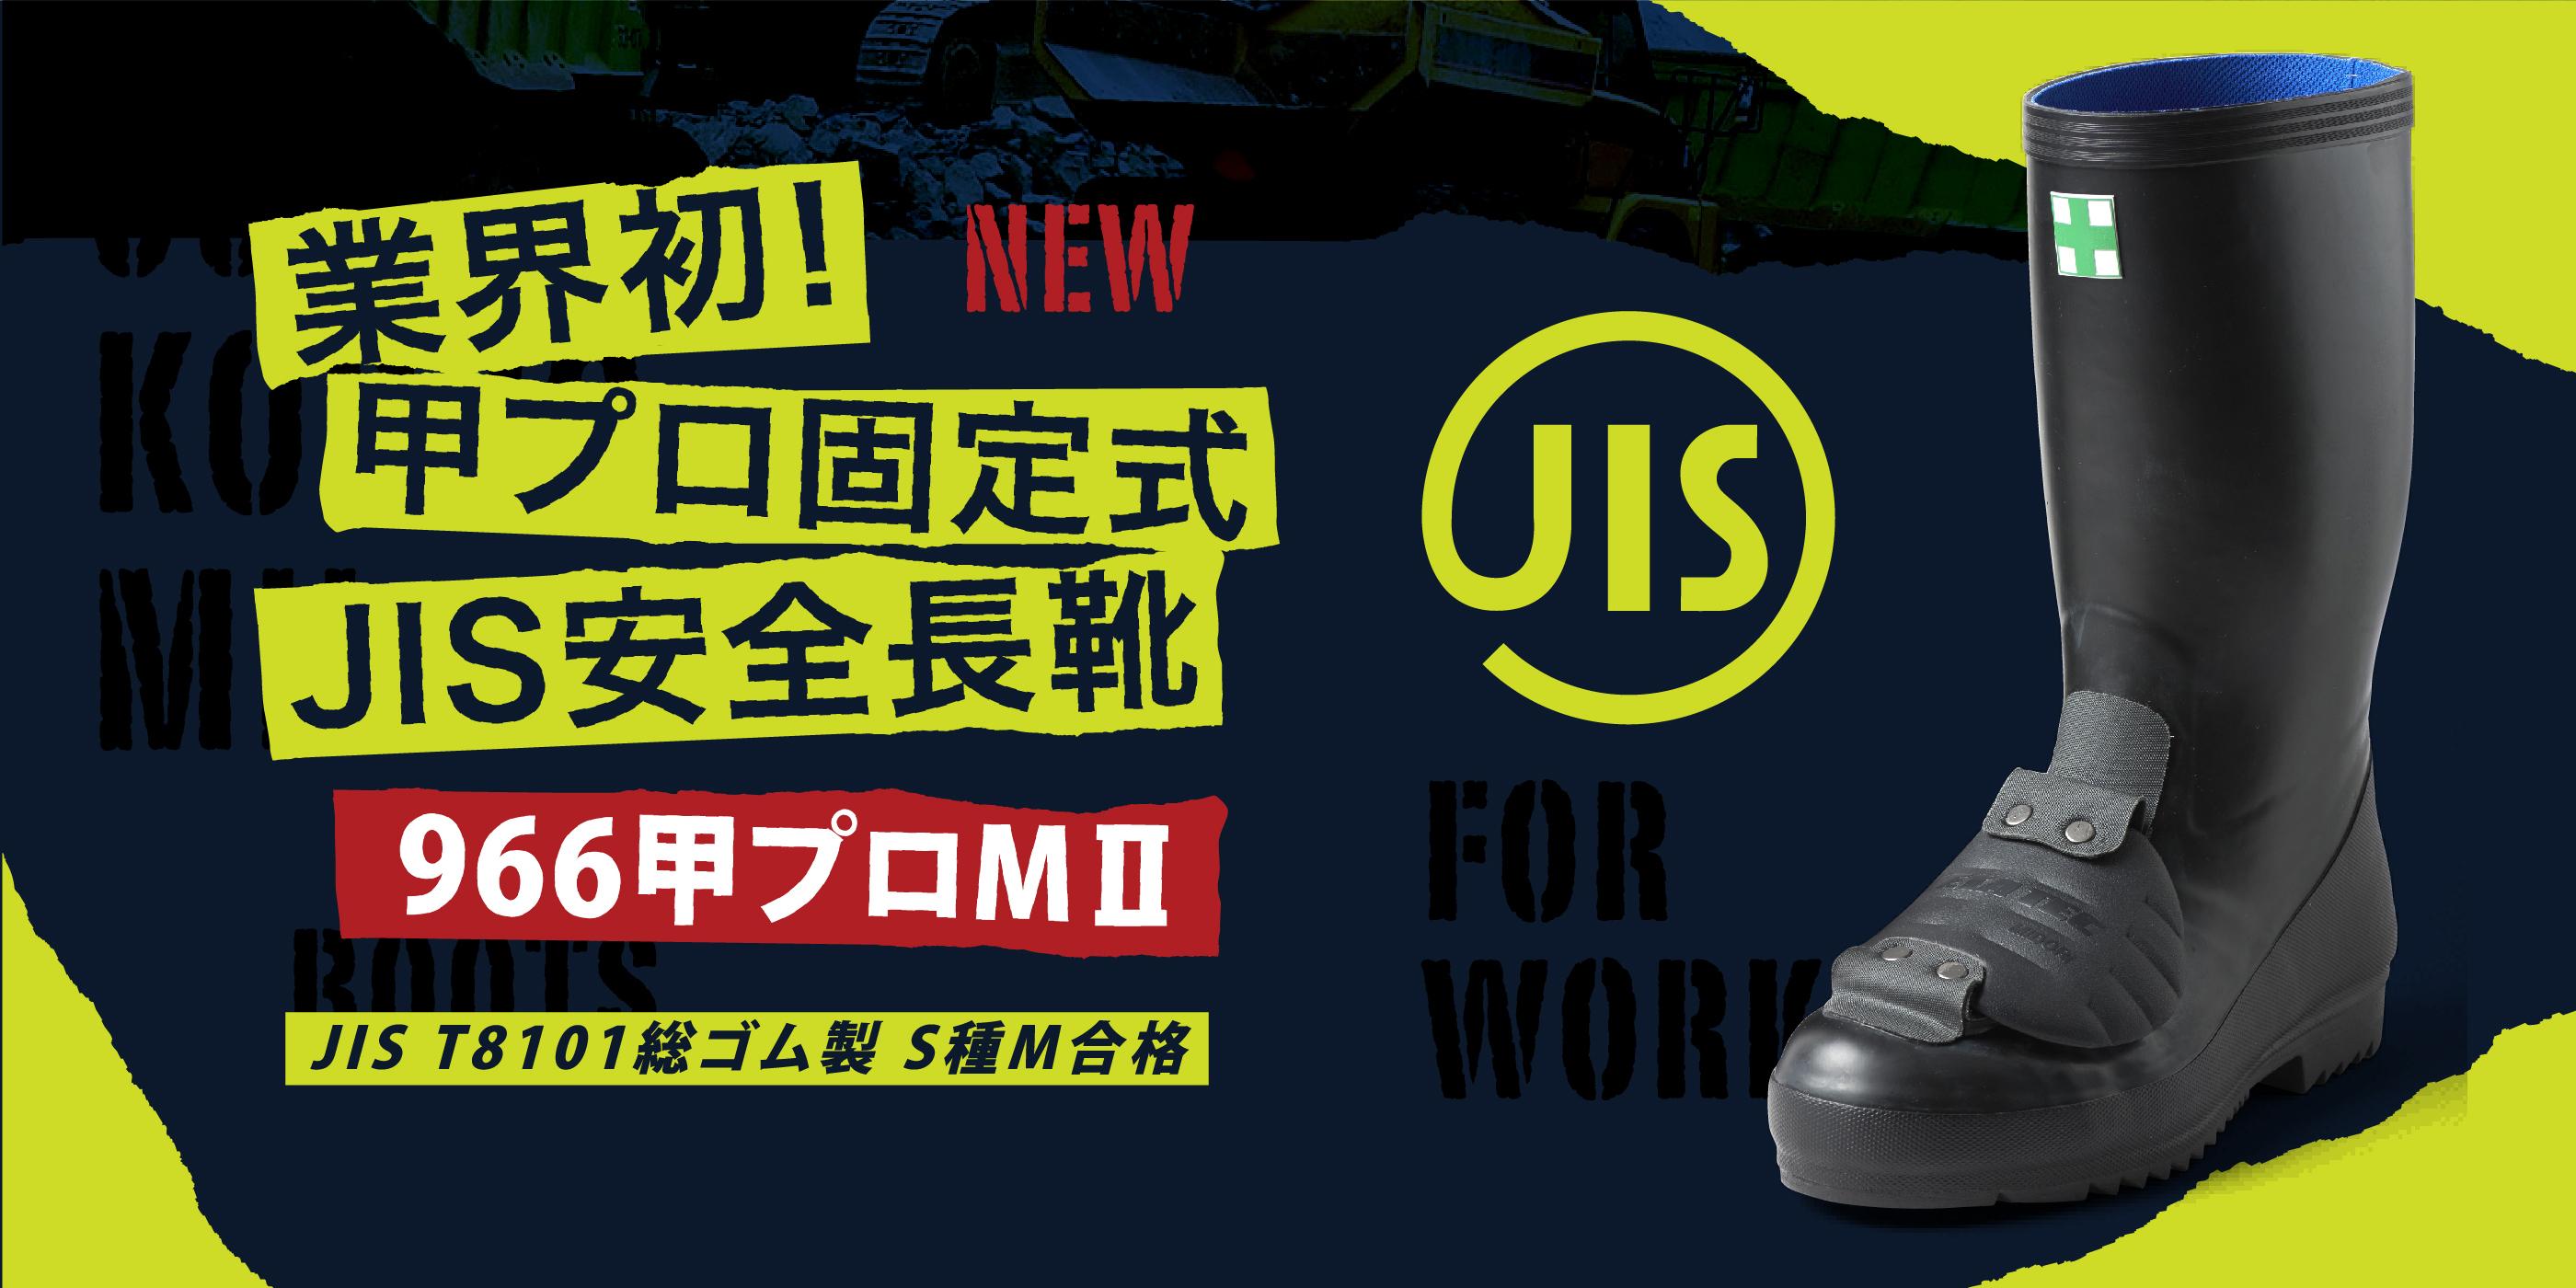 JIS合格 甲プロ付き安全長靴 966甲プロMⅡ